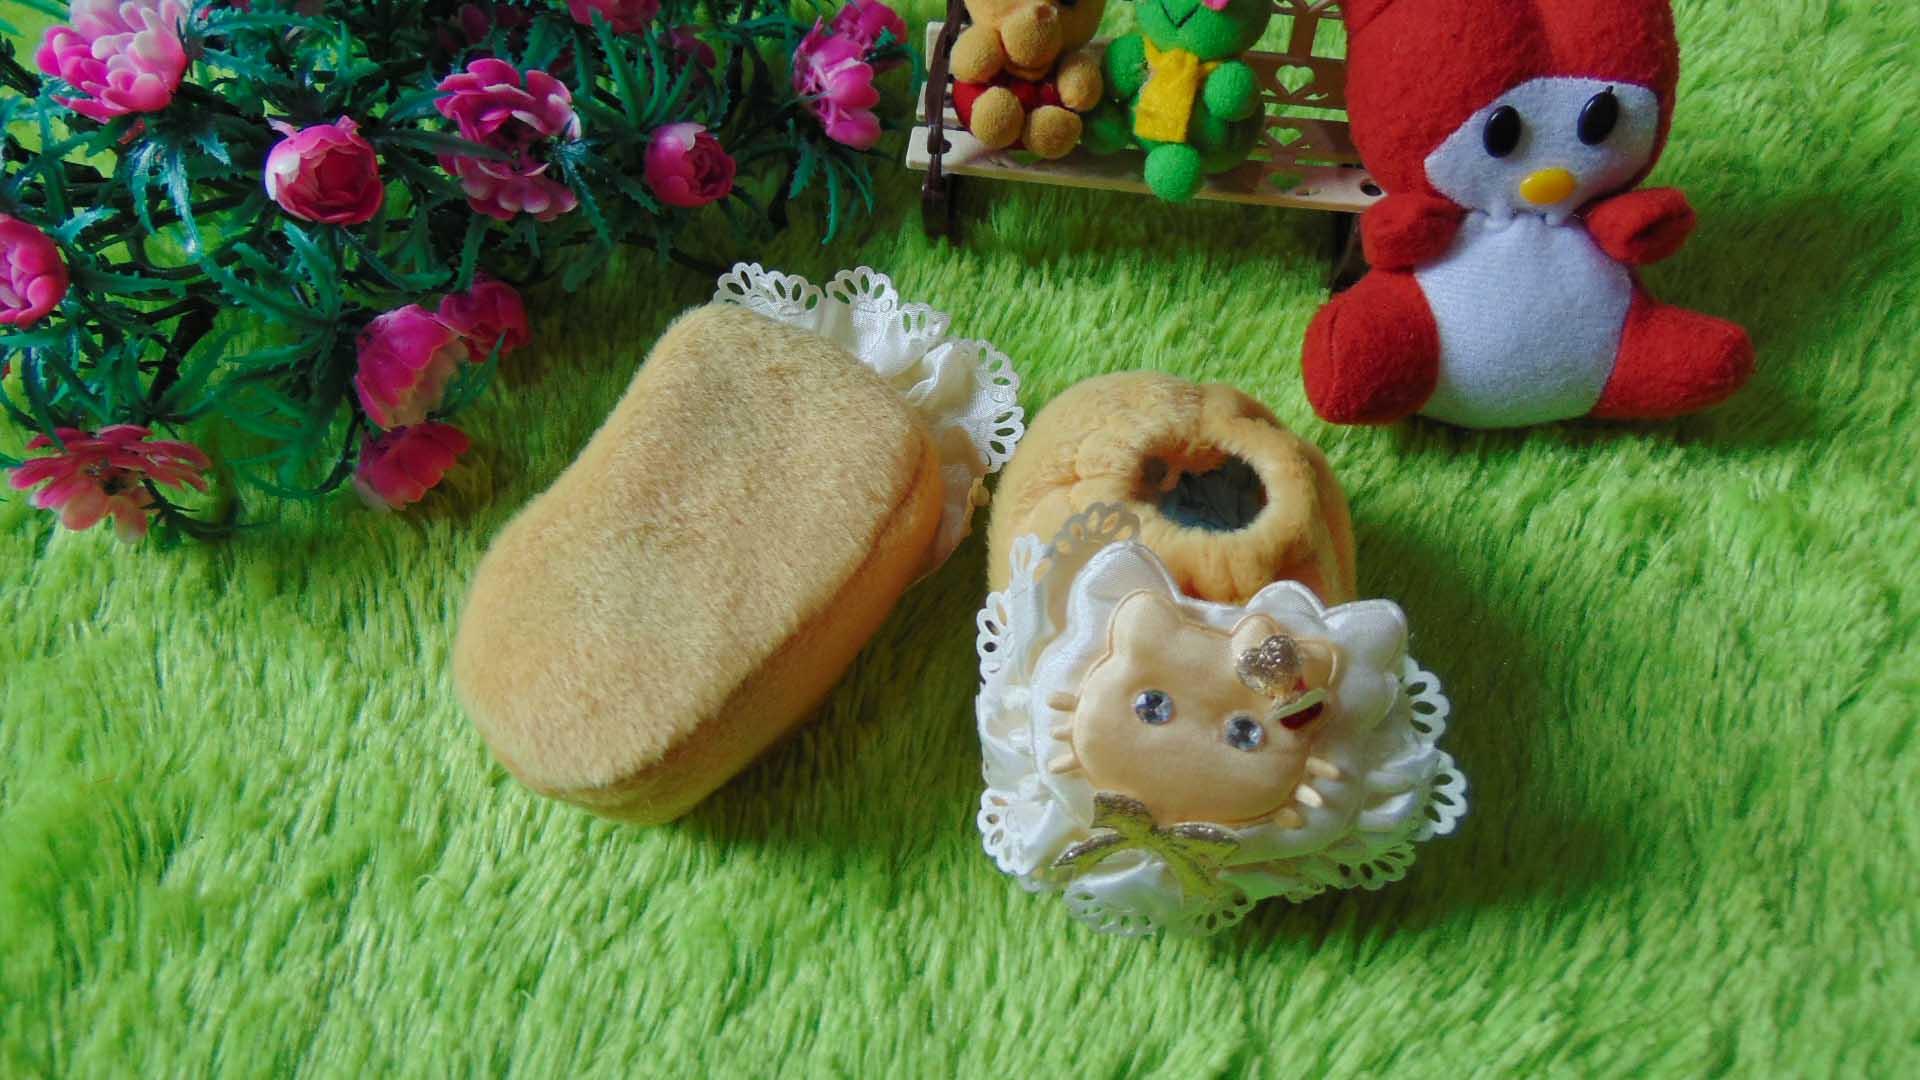 sepatu prewalker bayi newborn hello kitty bulu cream Rp 29.000 muat untuk 0-6 bulan lucu dan imut untuk kado ada box mikanya,cocok untuk kado bayi (1)